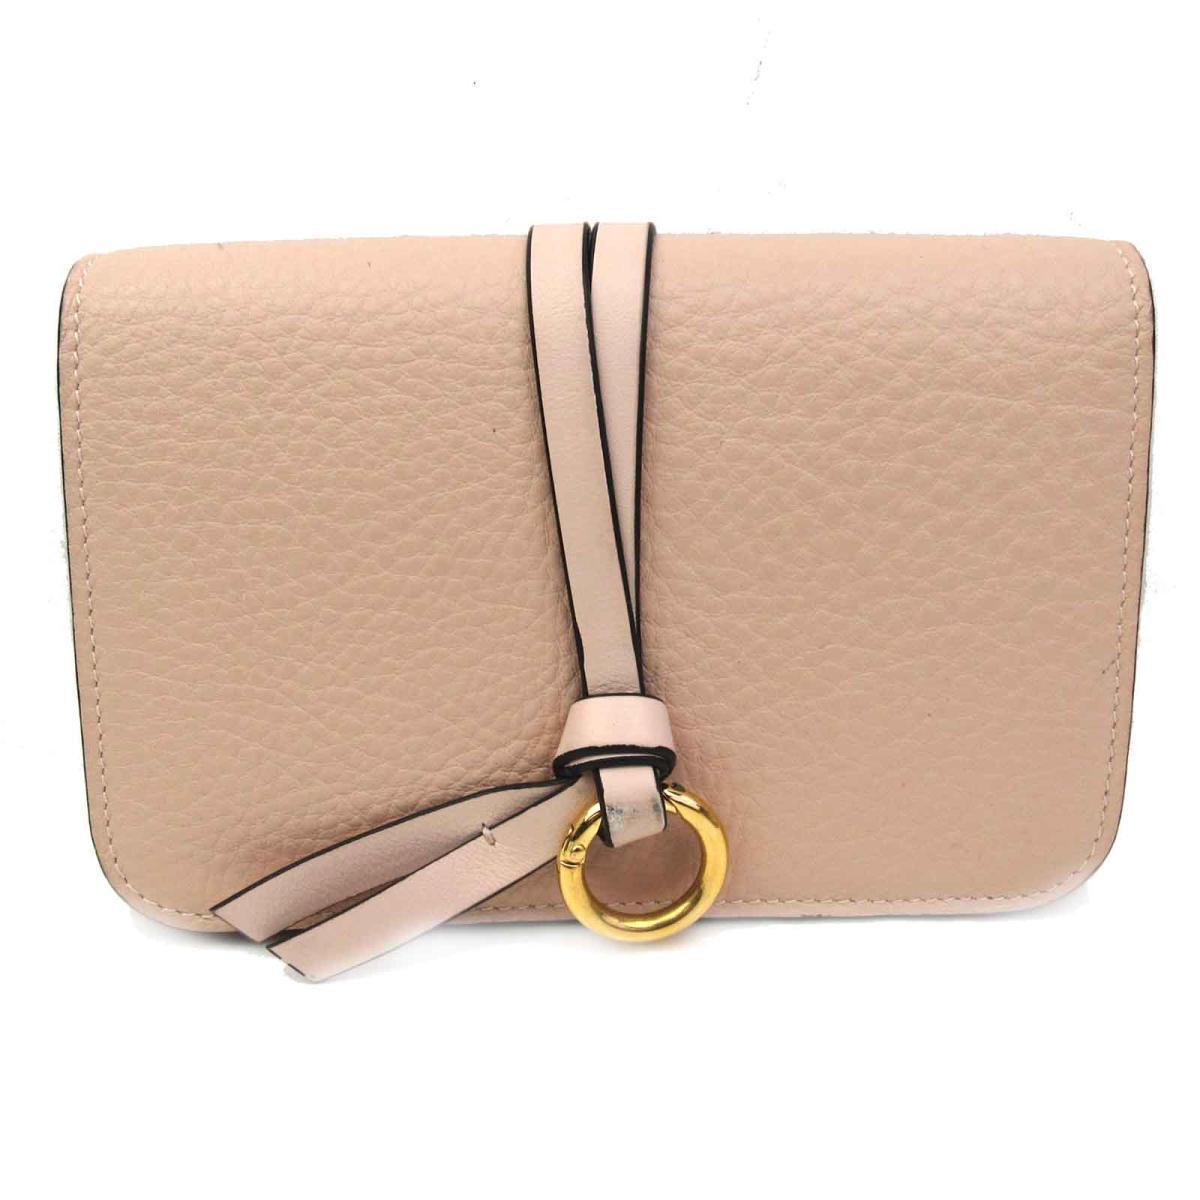 【お買い得!】レザー 三つ折財布 財布